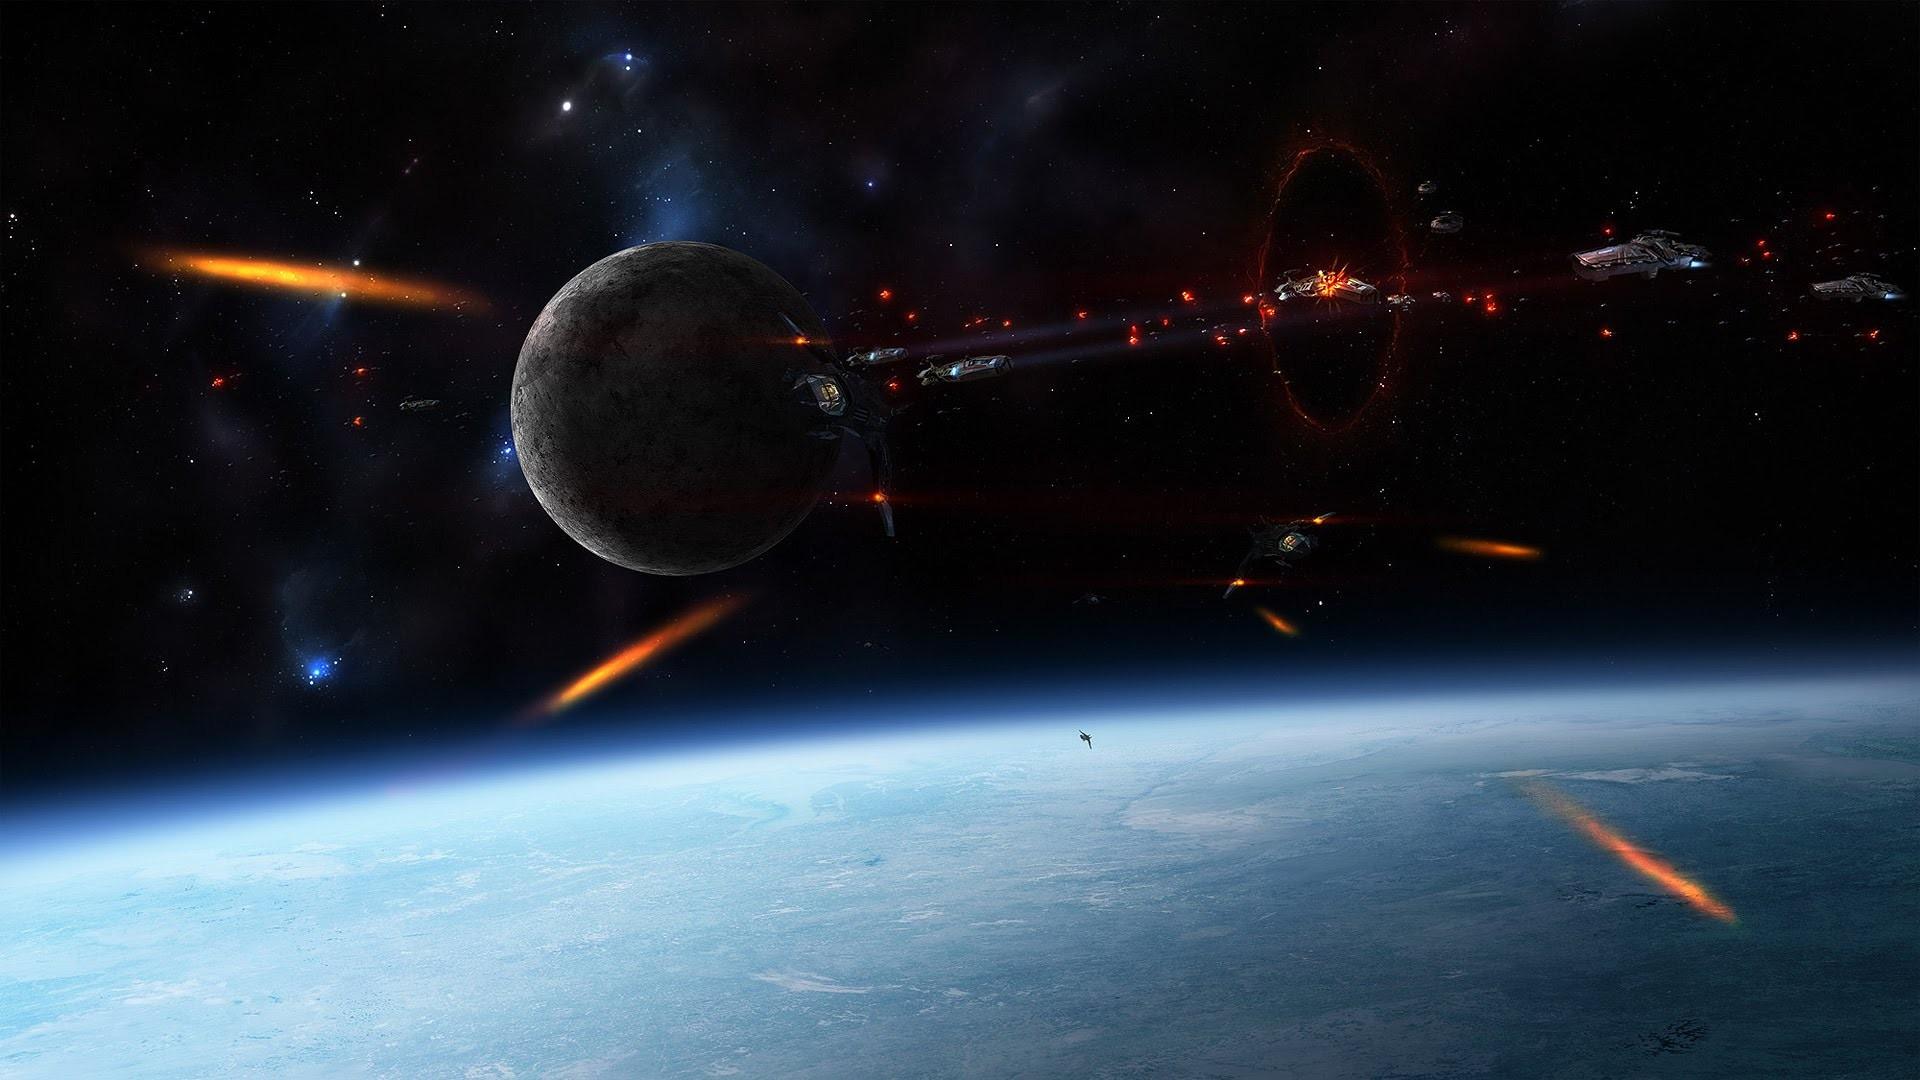 Галактическая вражда  могла убить  инопланетные цивилизации— Ученые